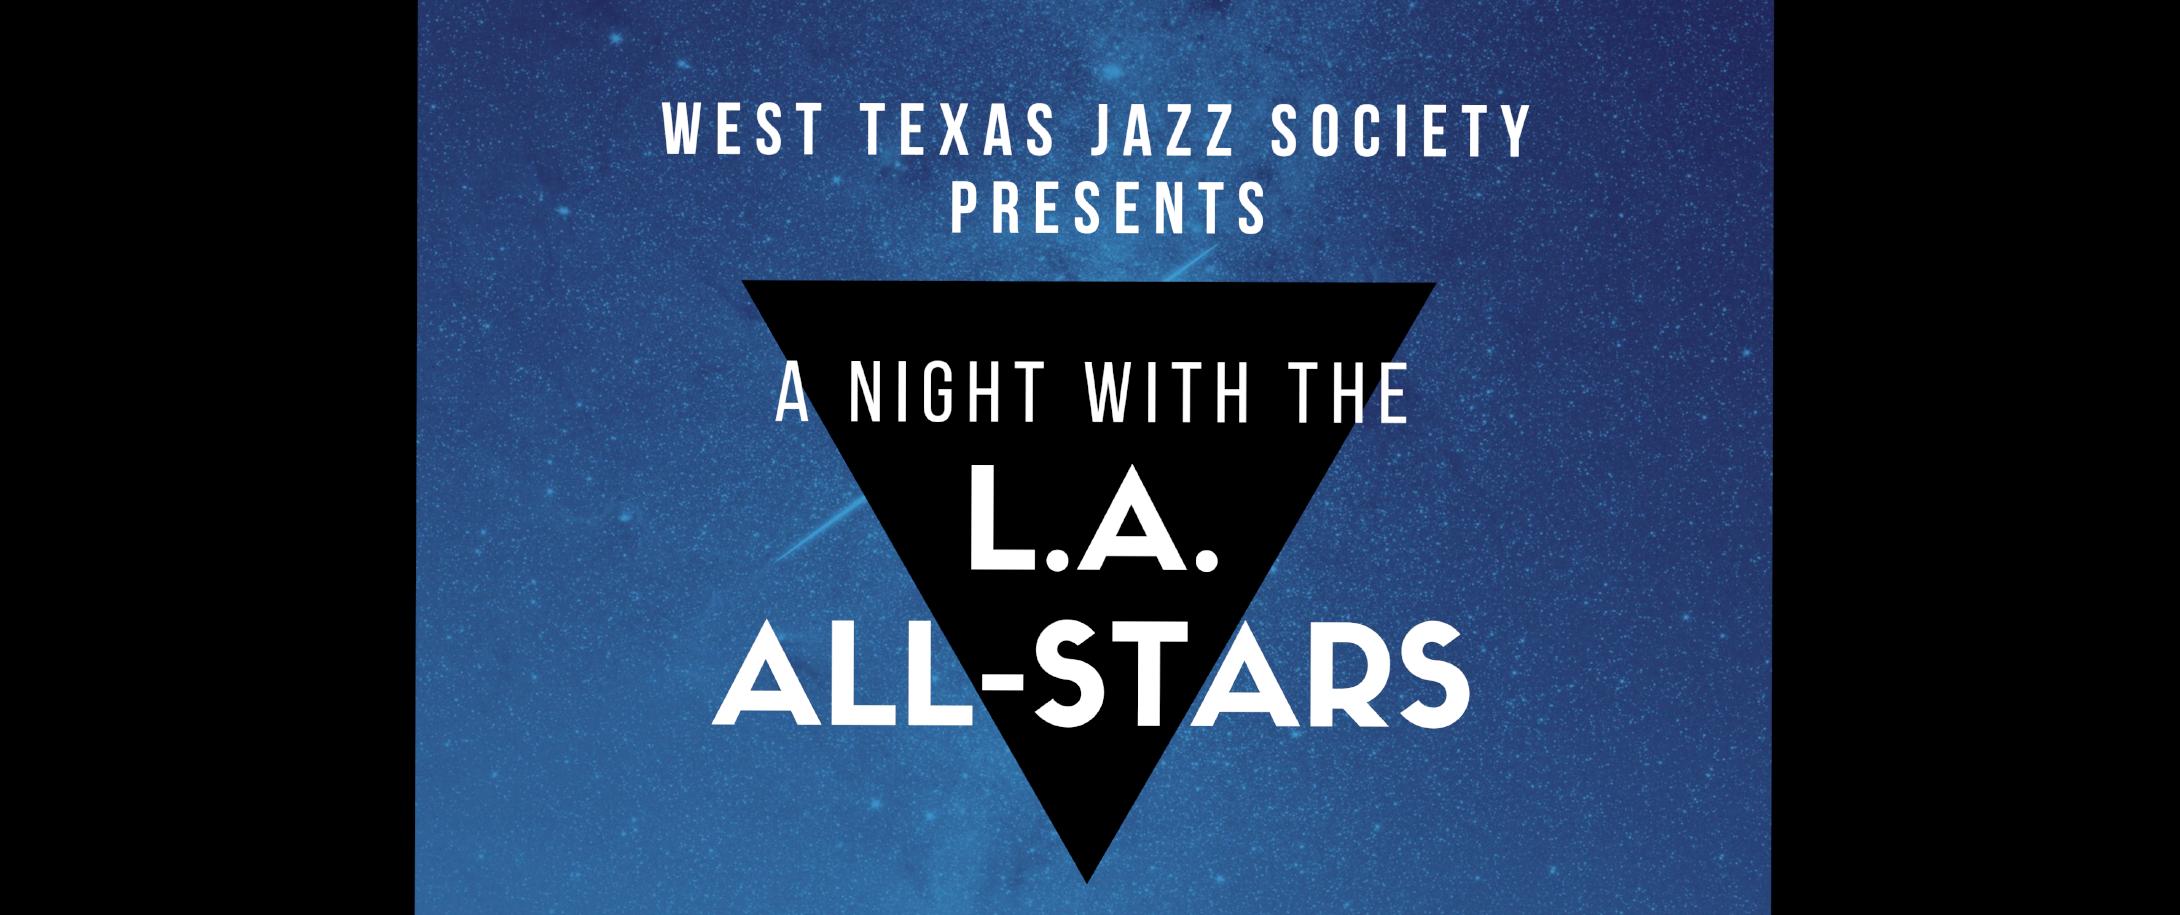 West Texas Jazz Society